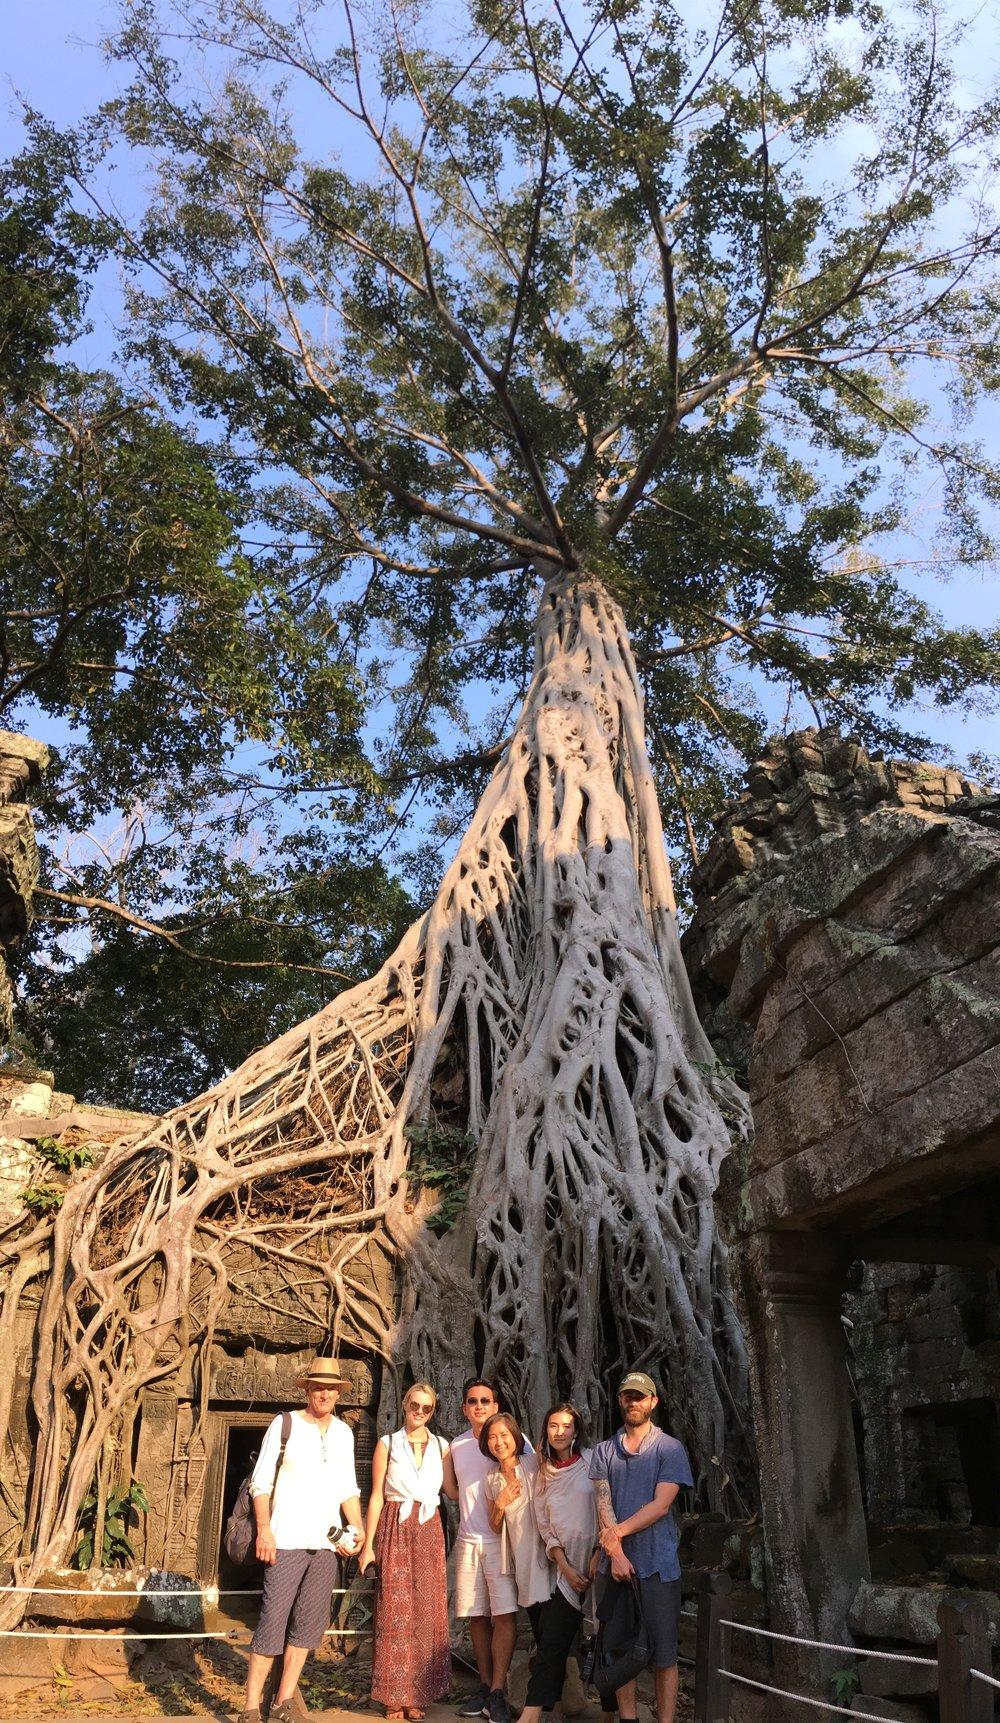 ちょびっとインディアナ・ジョーンズ風のフィリップ(笑)タプロム遺跡での大きなガジュマルの木の根っこで